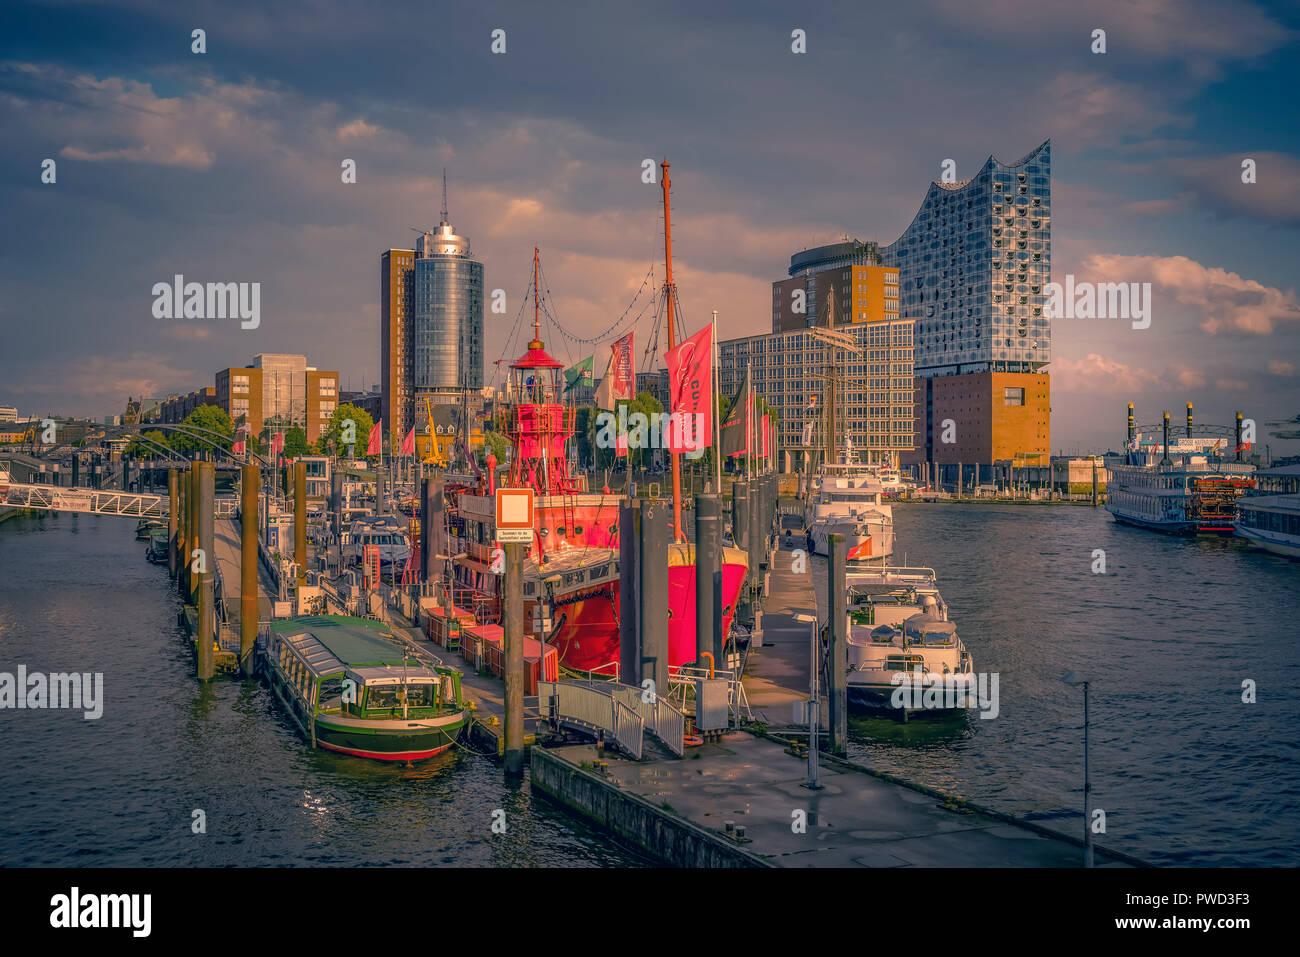 Deutschland, Hamburg, Hafen, Speicherstadt, Hafencity, Überseebrücke, Feuerschiff, Elbphilharmonie Stockbild